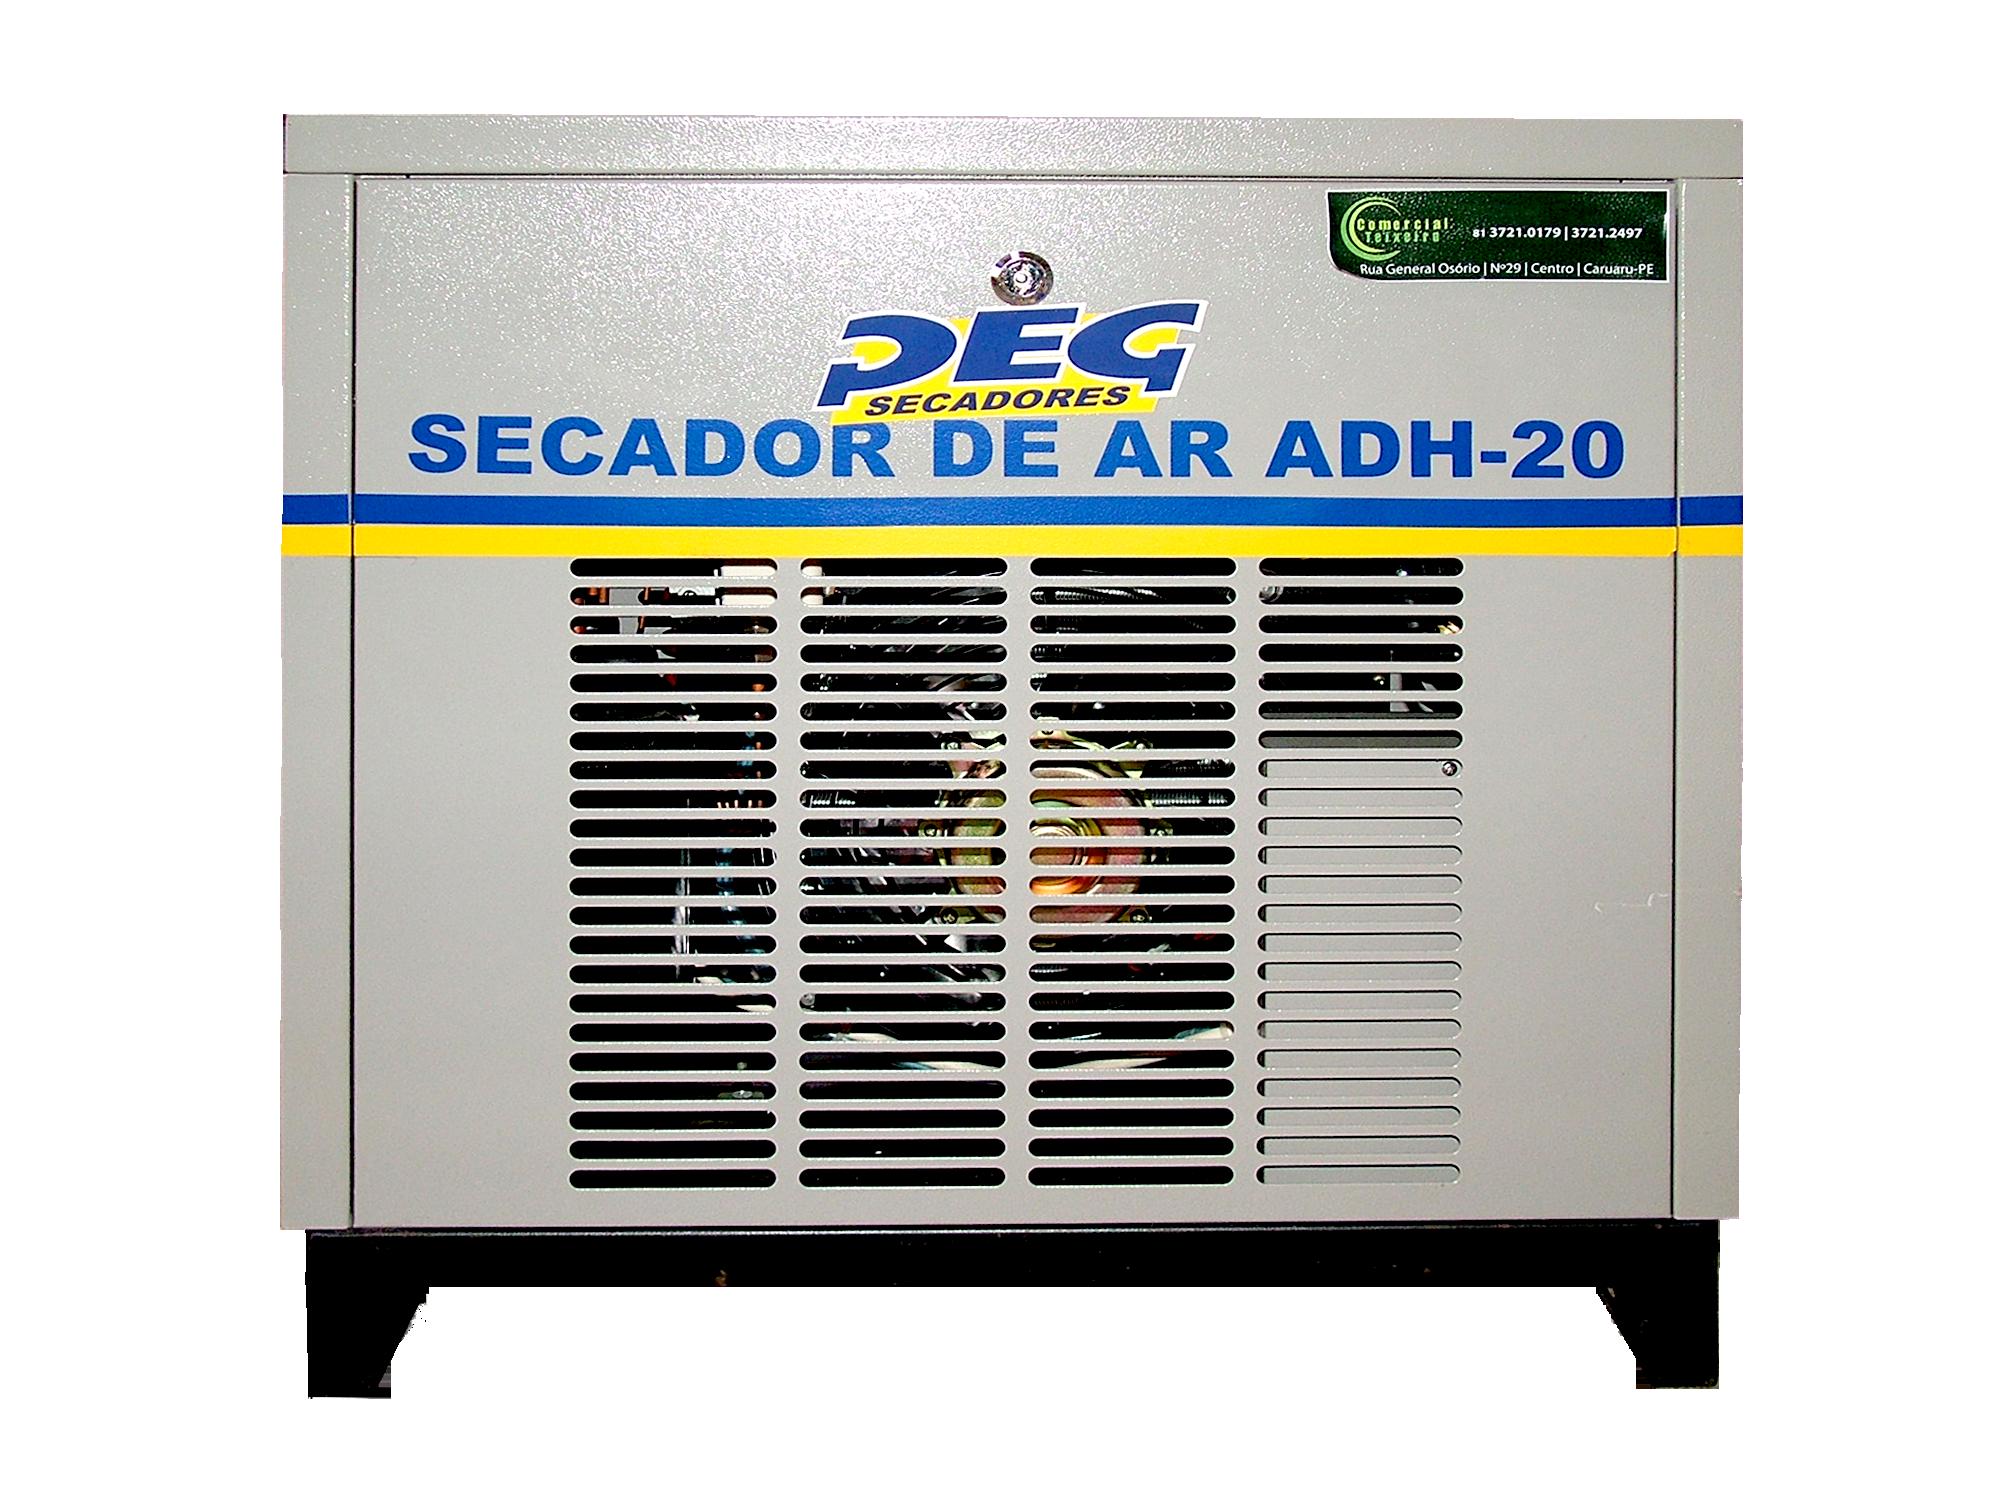 Secador de Ar ADH-20